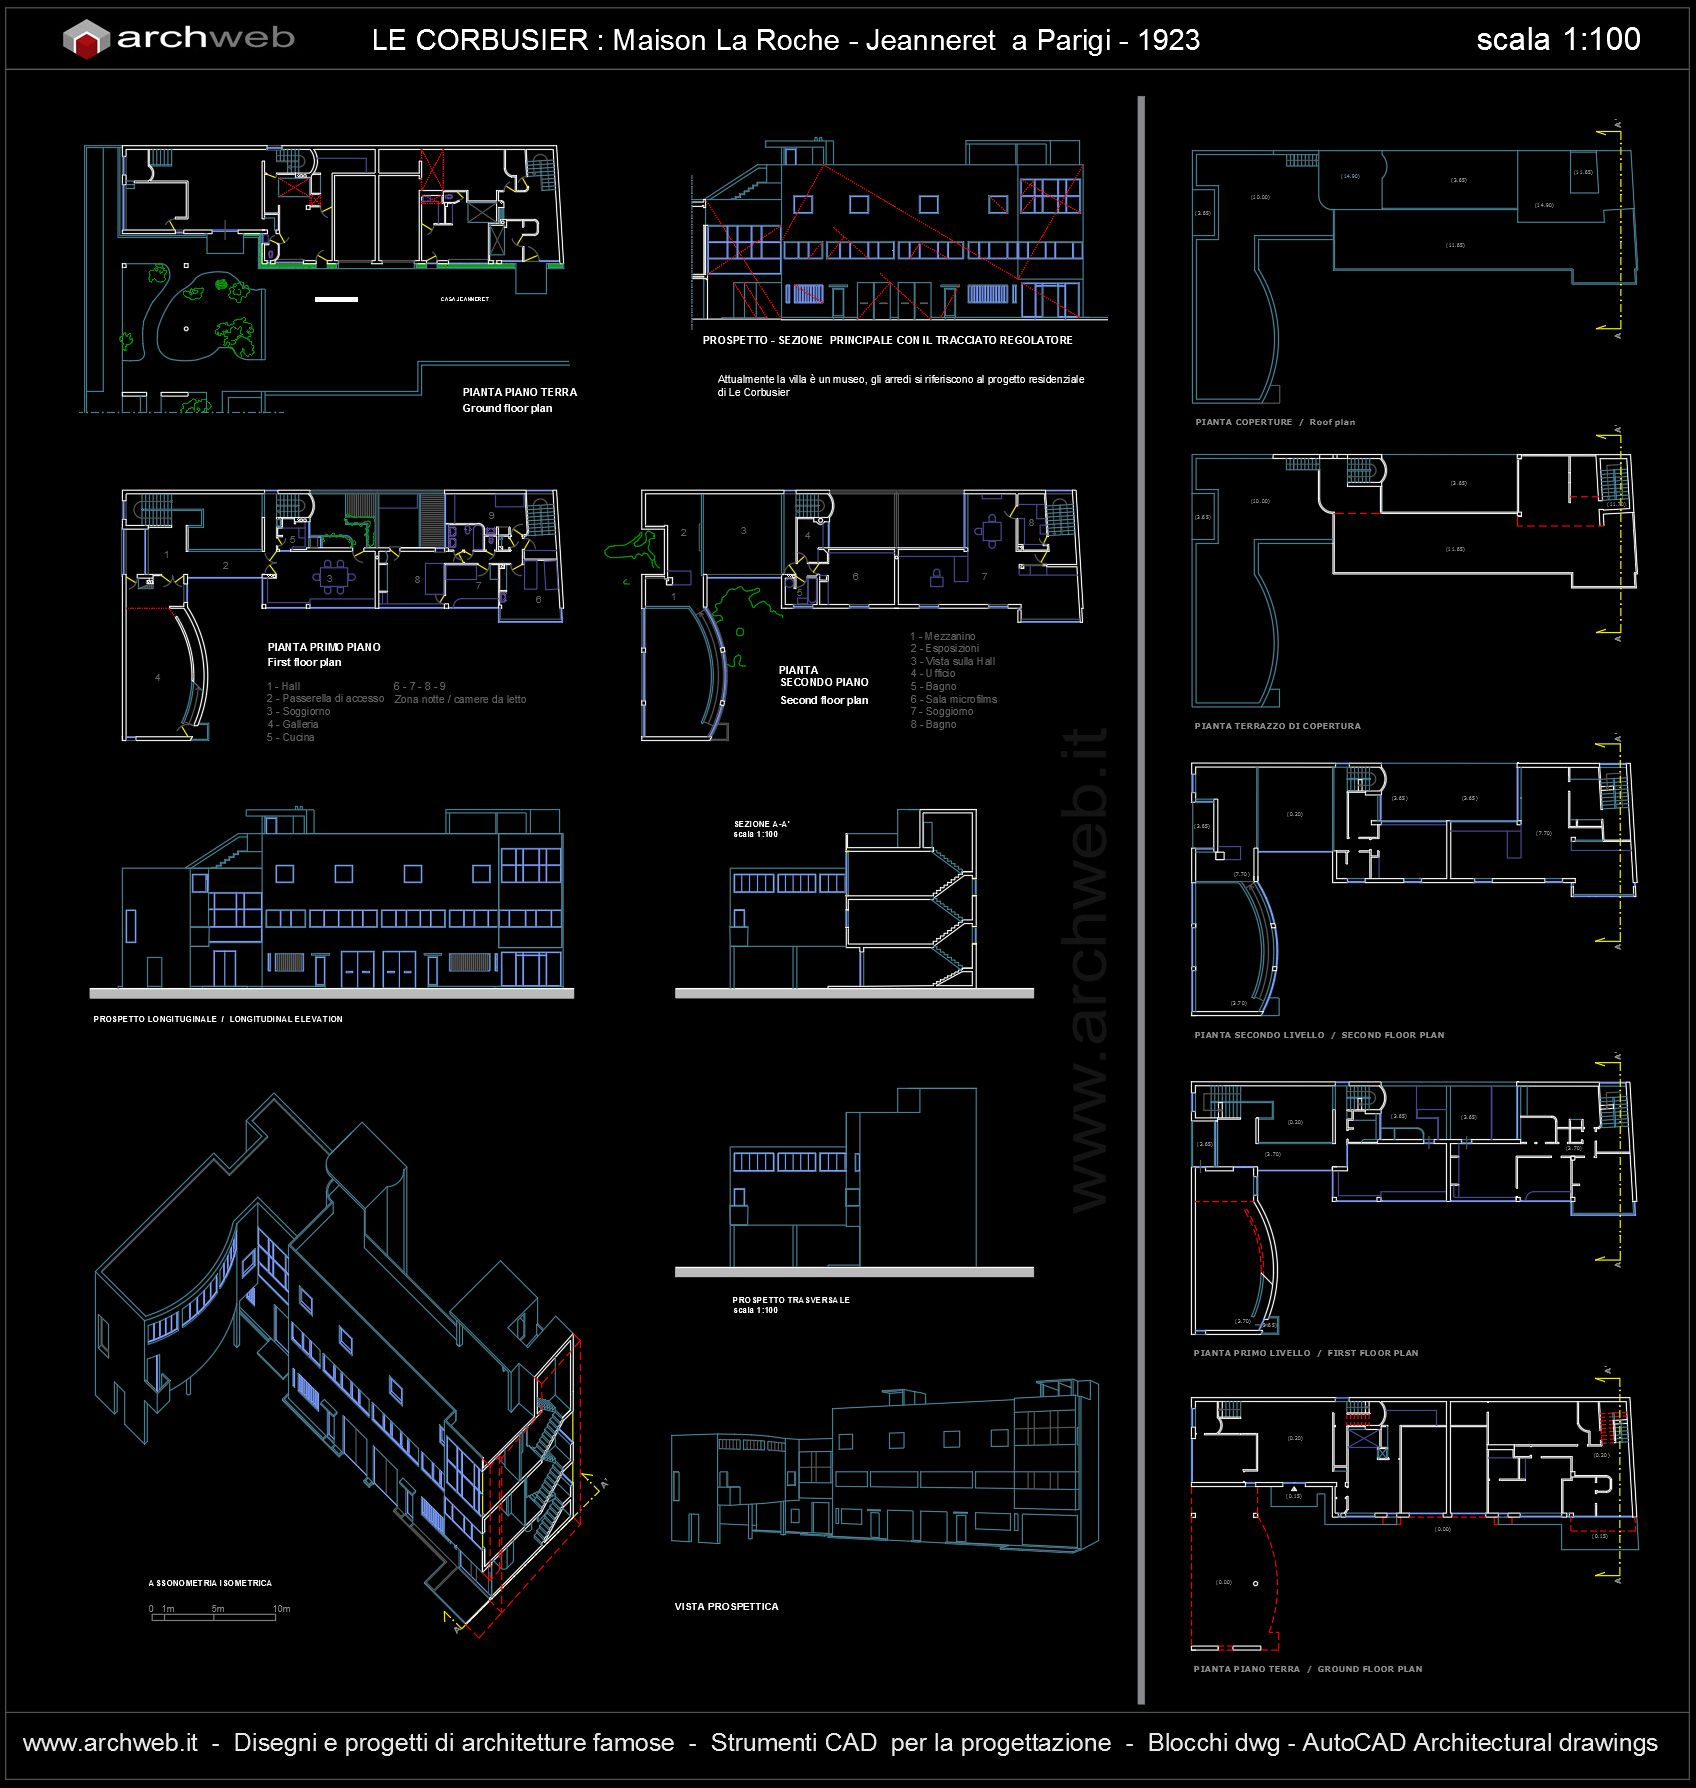 Maison La Roche-Jeanneret, Paris (1923) | Le Corbusier | Archweb ...